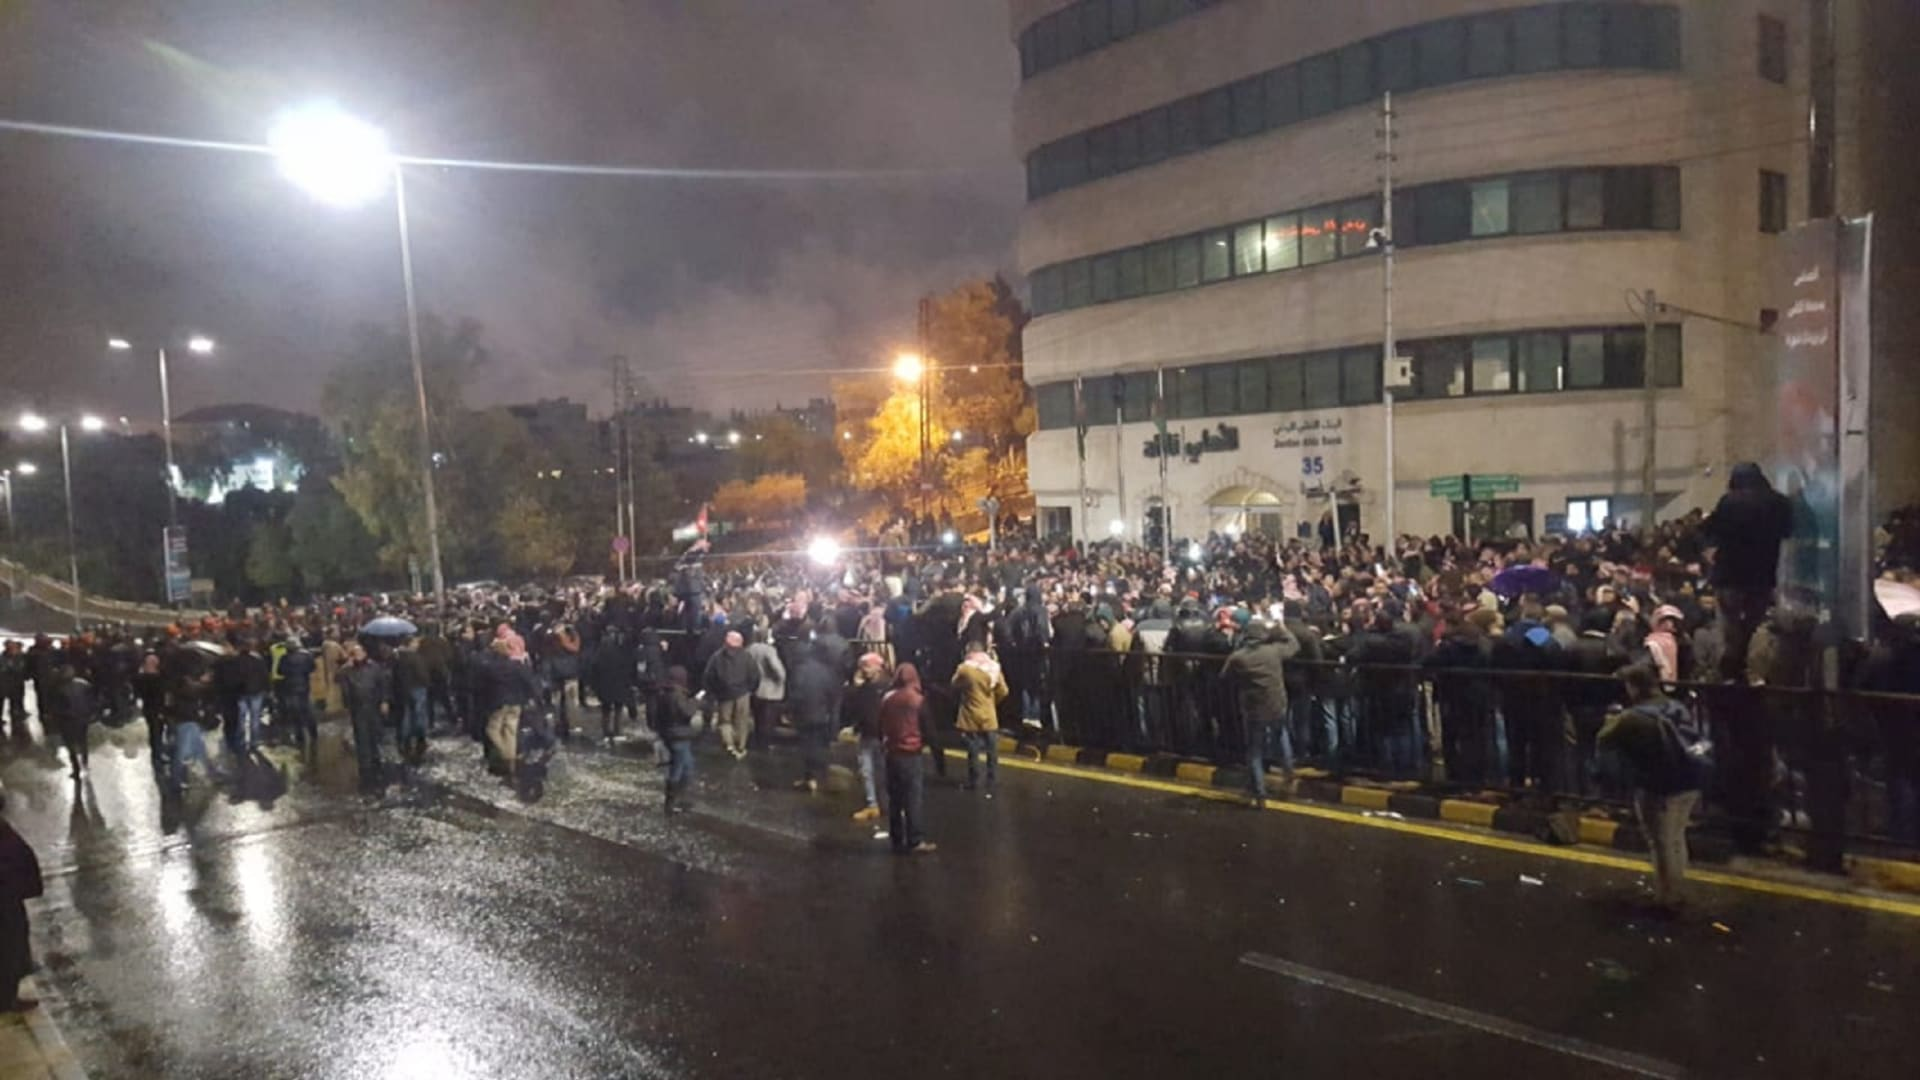 غنيمات لـCNN: التظاهر السلمي حق للأردنيين.. وحكومتنا ماضية في الإصلاح